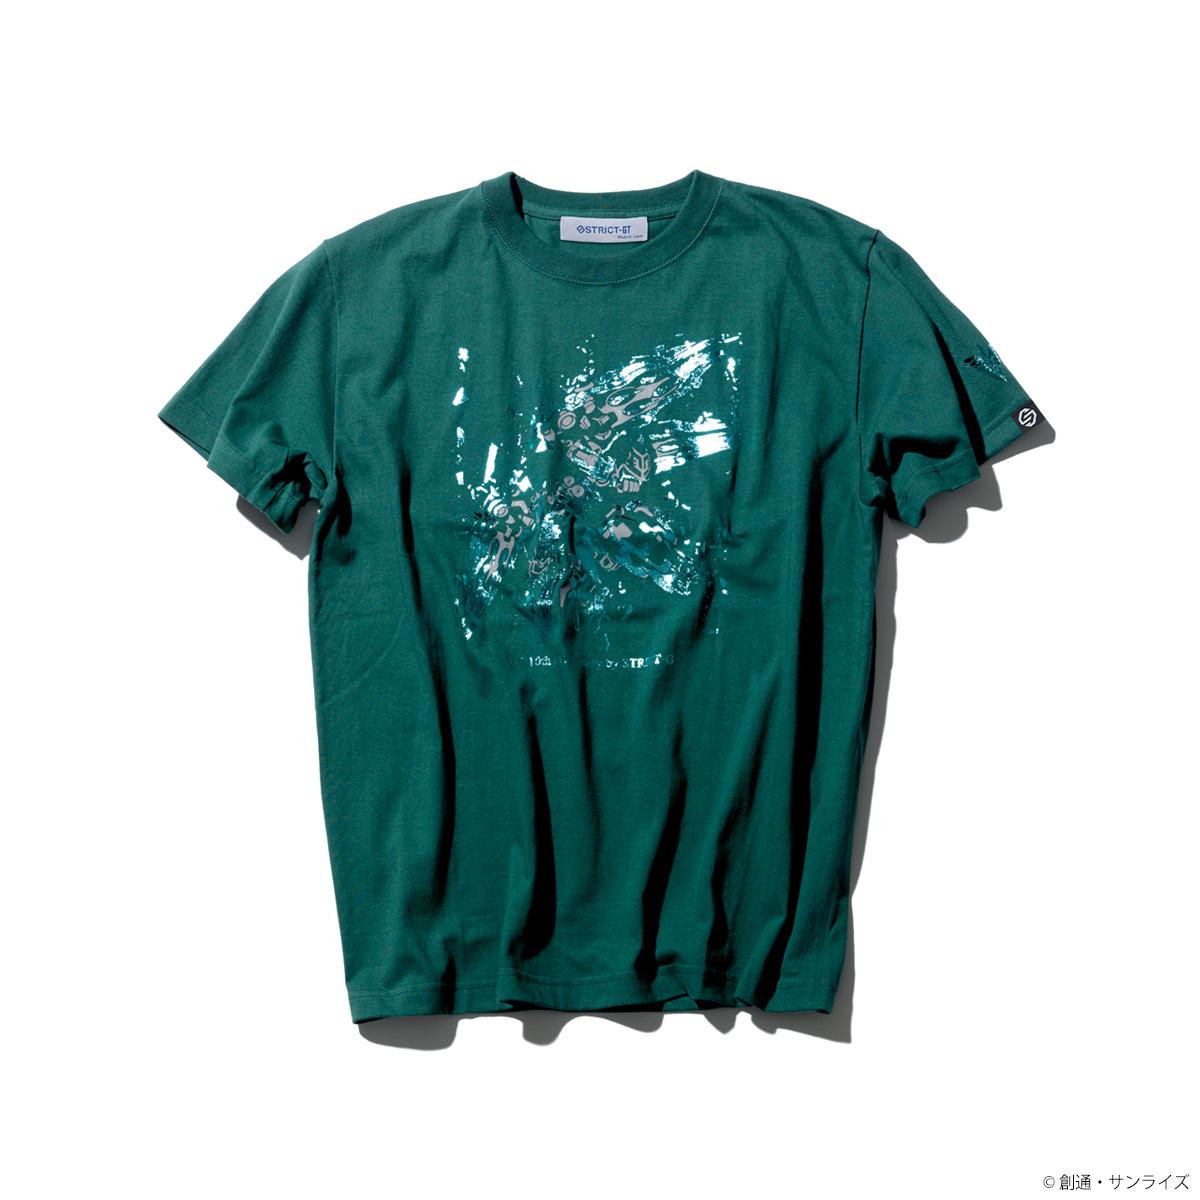 STRICT-G『機動戦士ガンダムUC』 OVA10周年記念 Tシャツ クシャトリヤ柄